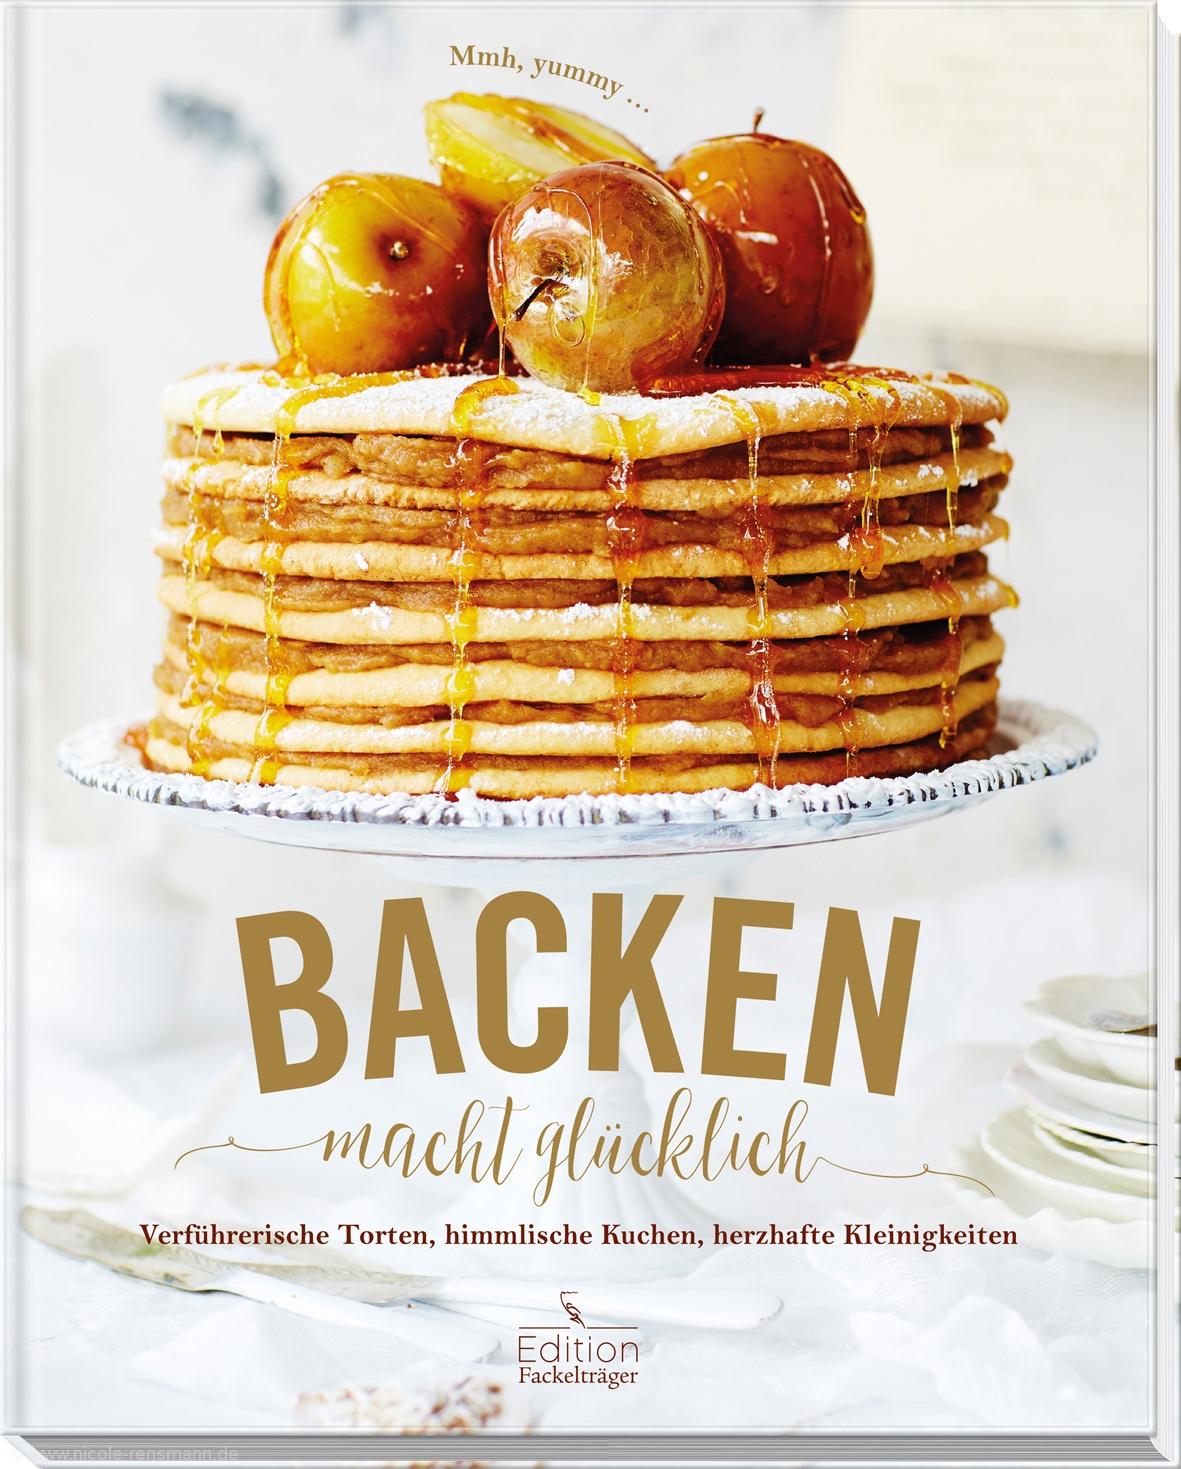 © Copyright: »Backen macht glücklich« / Edition Fackelträger Verlag